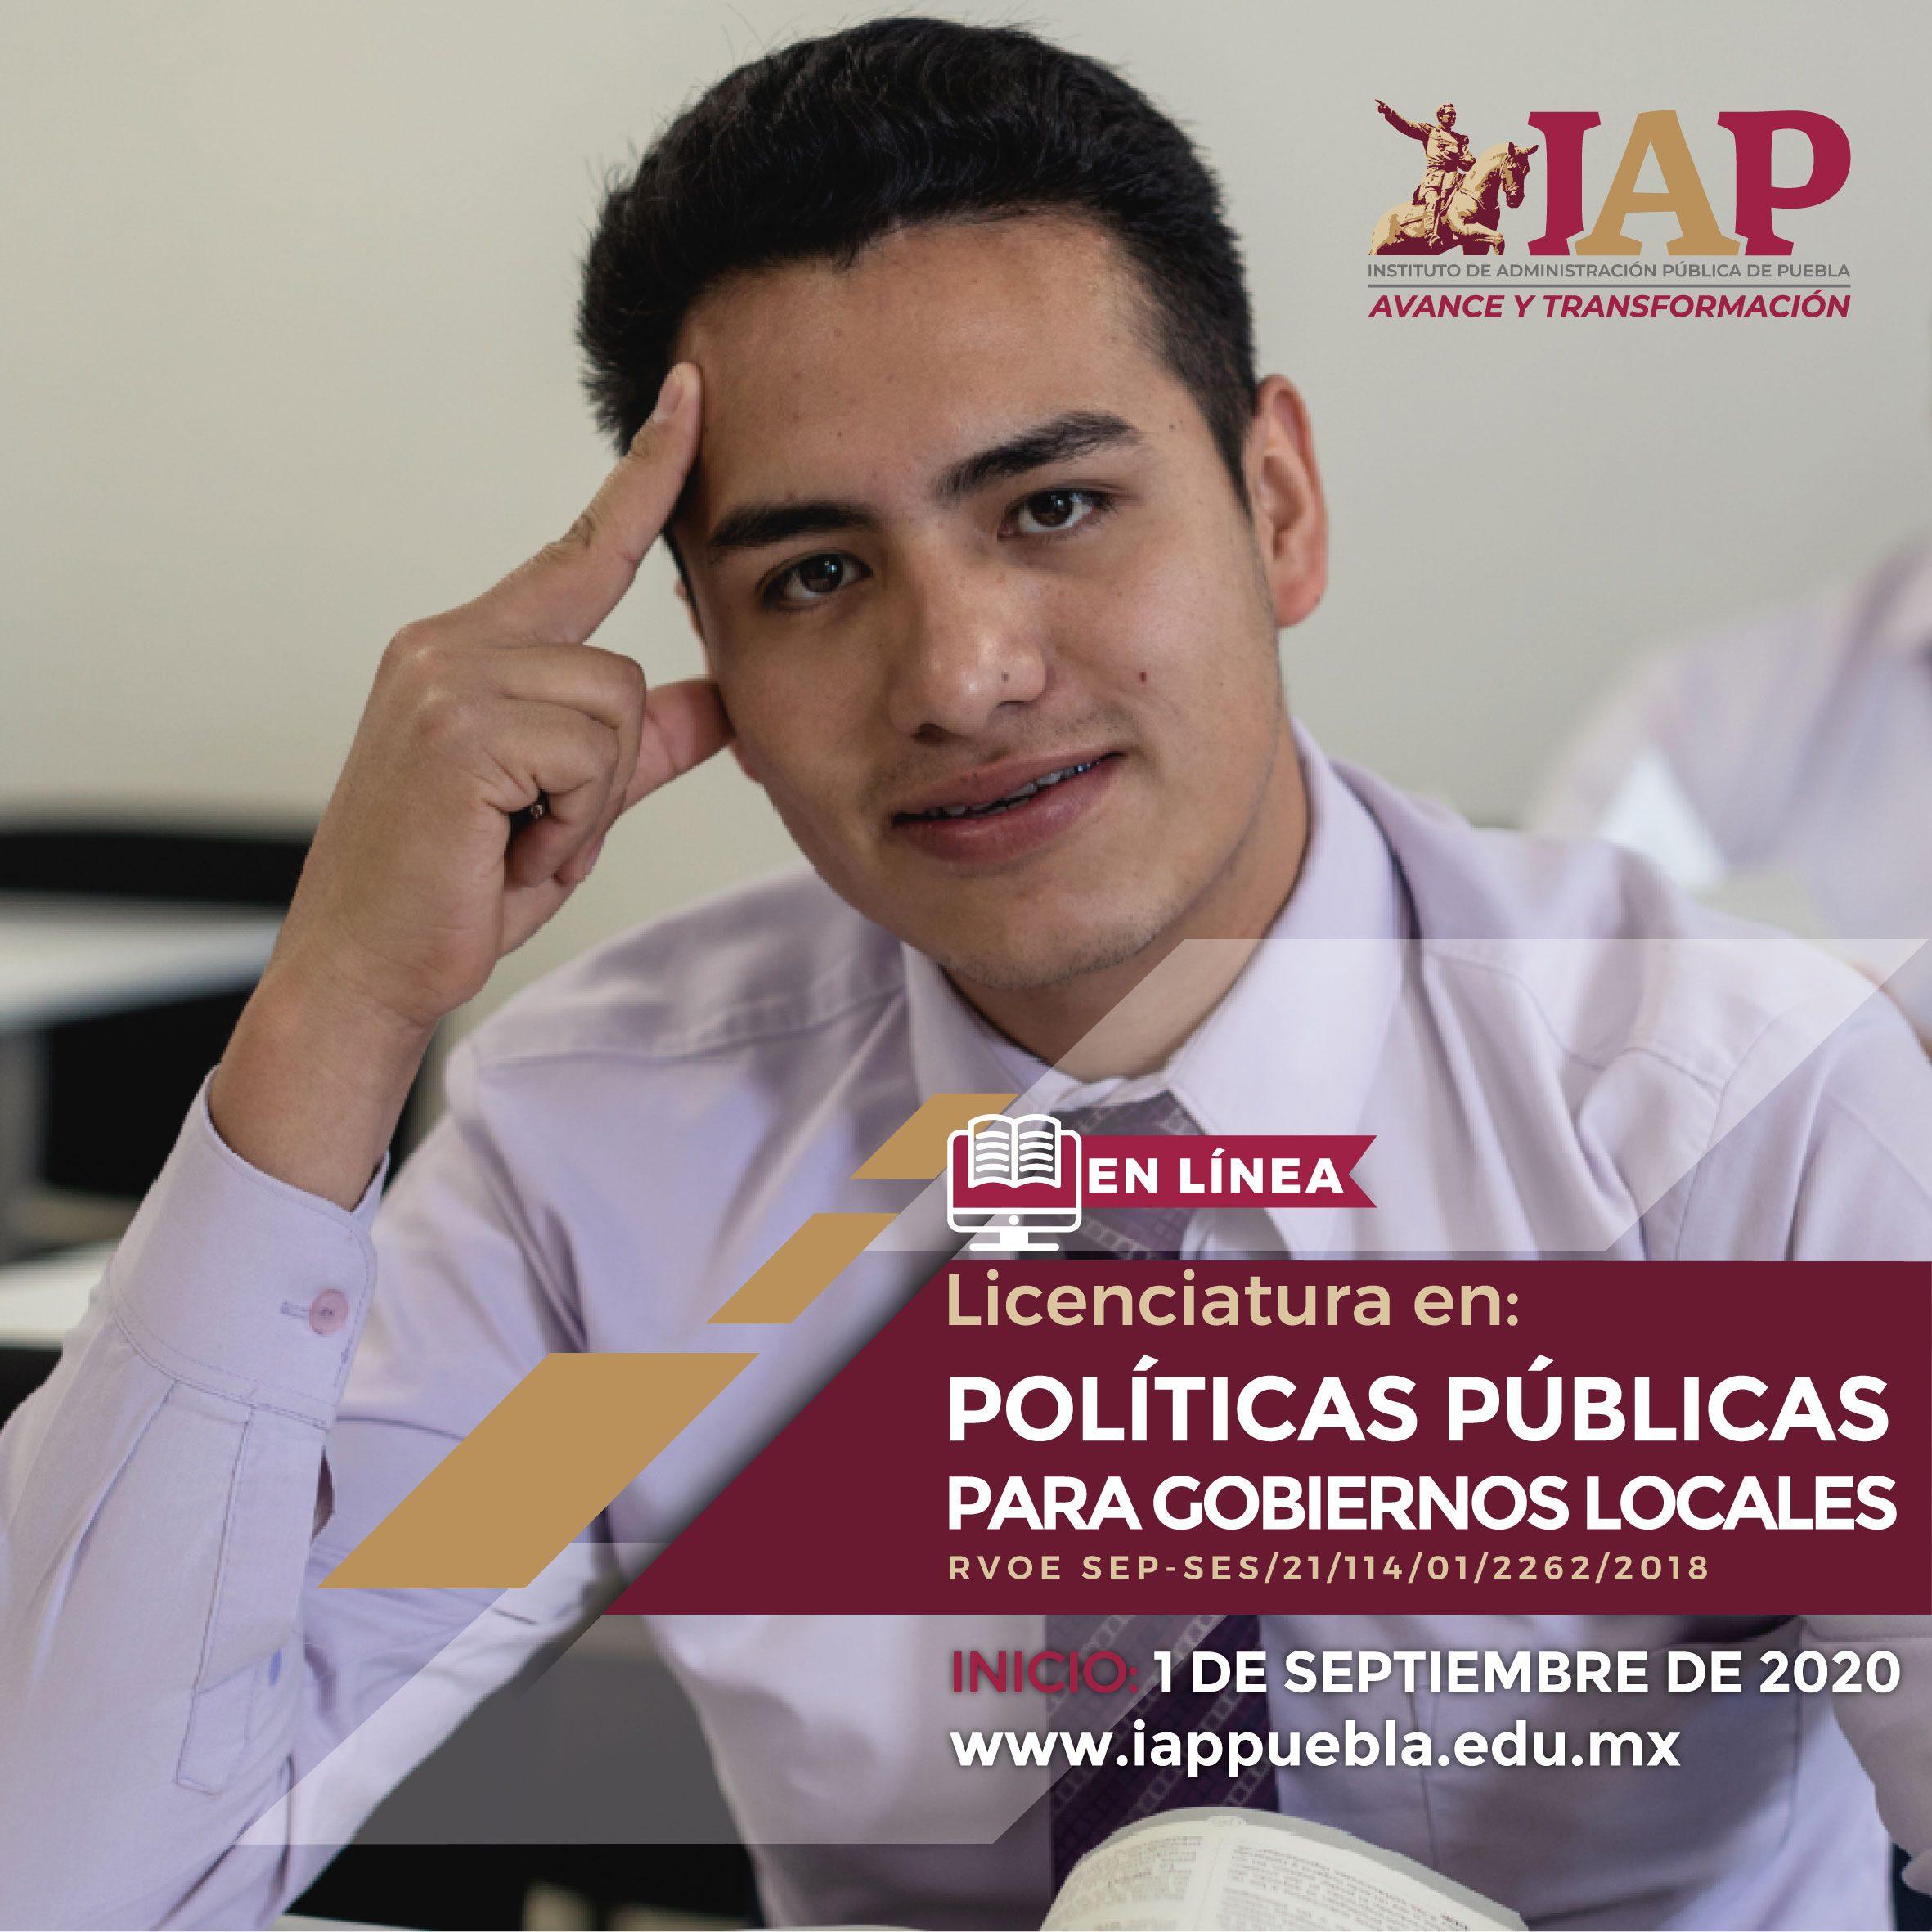 Licenciatura en Políticas Públicas para Gobiernos Locales